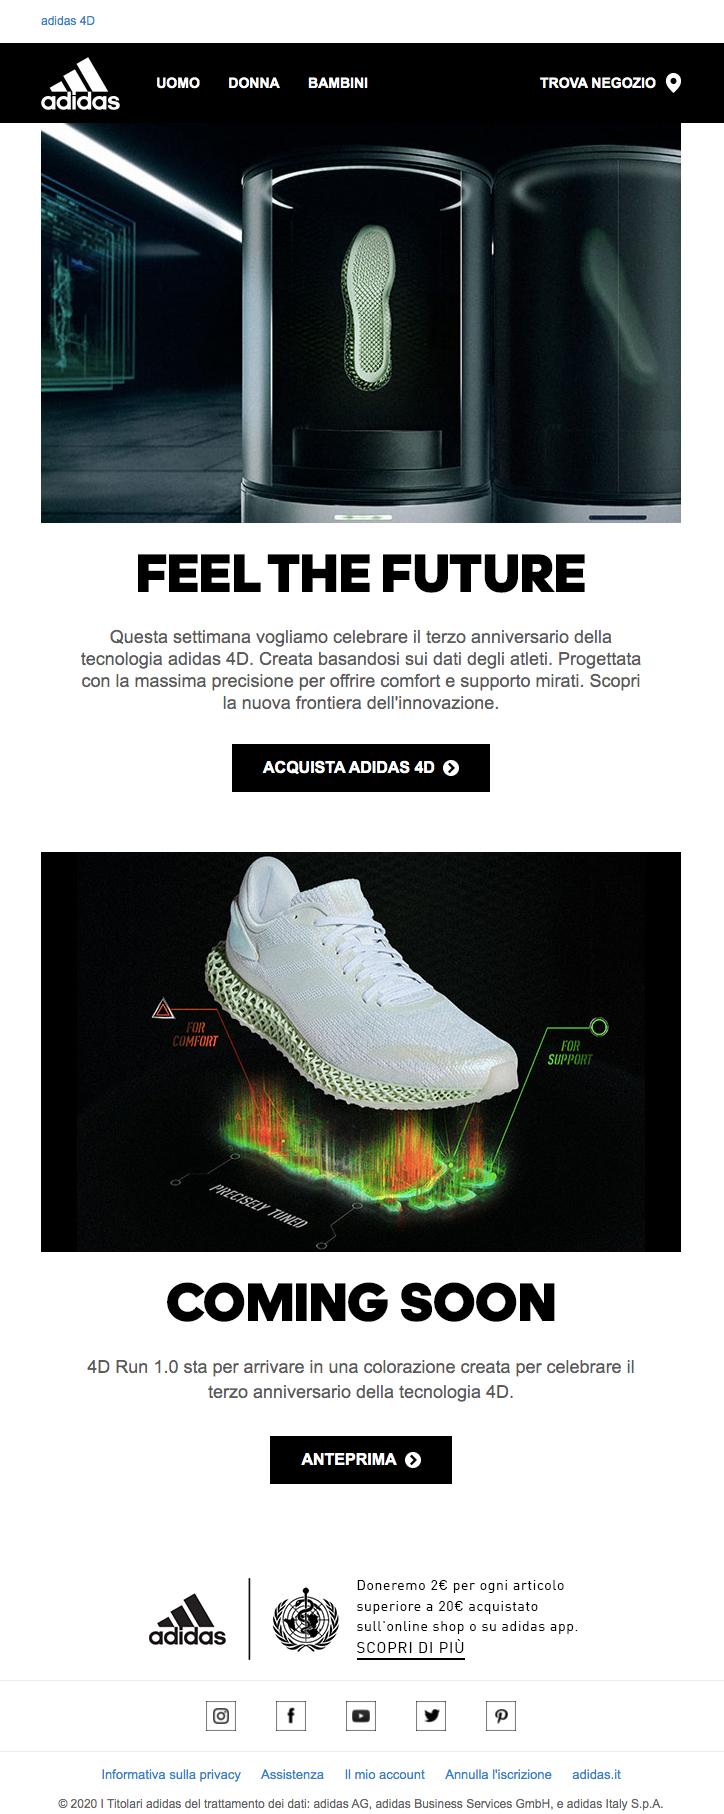 adidas4d-newsletter